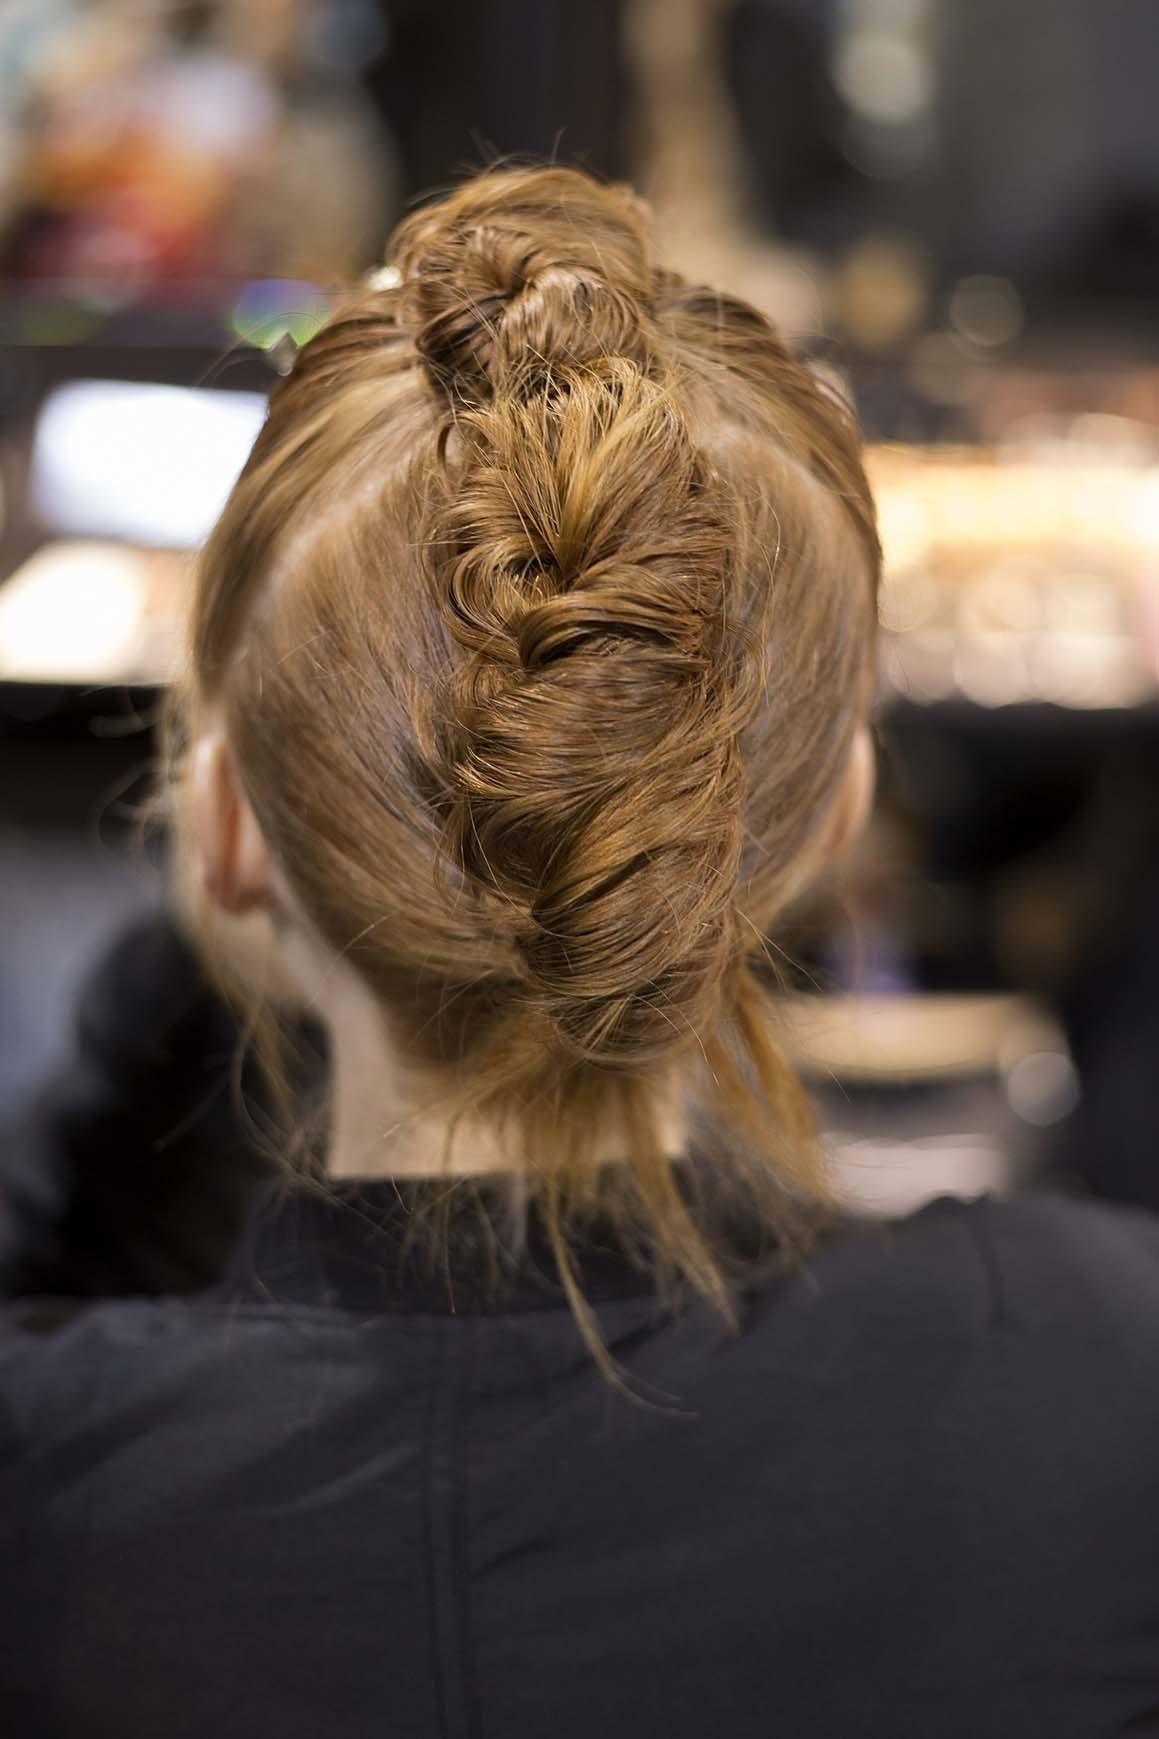 Gaya rambut twist dengan model rambut twisted bun gaya faux hawk.